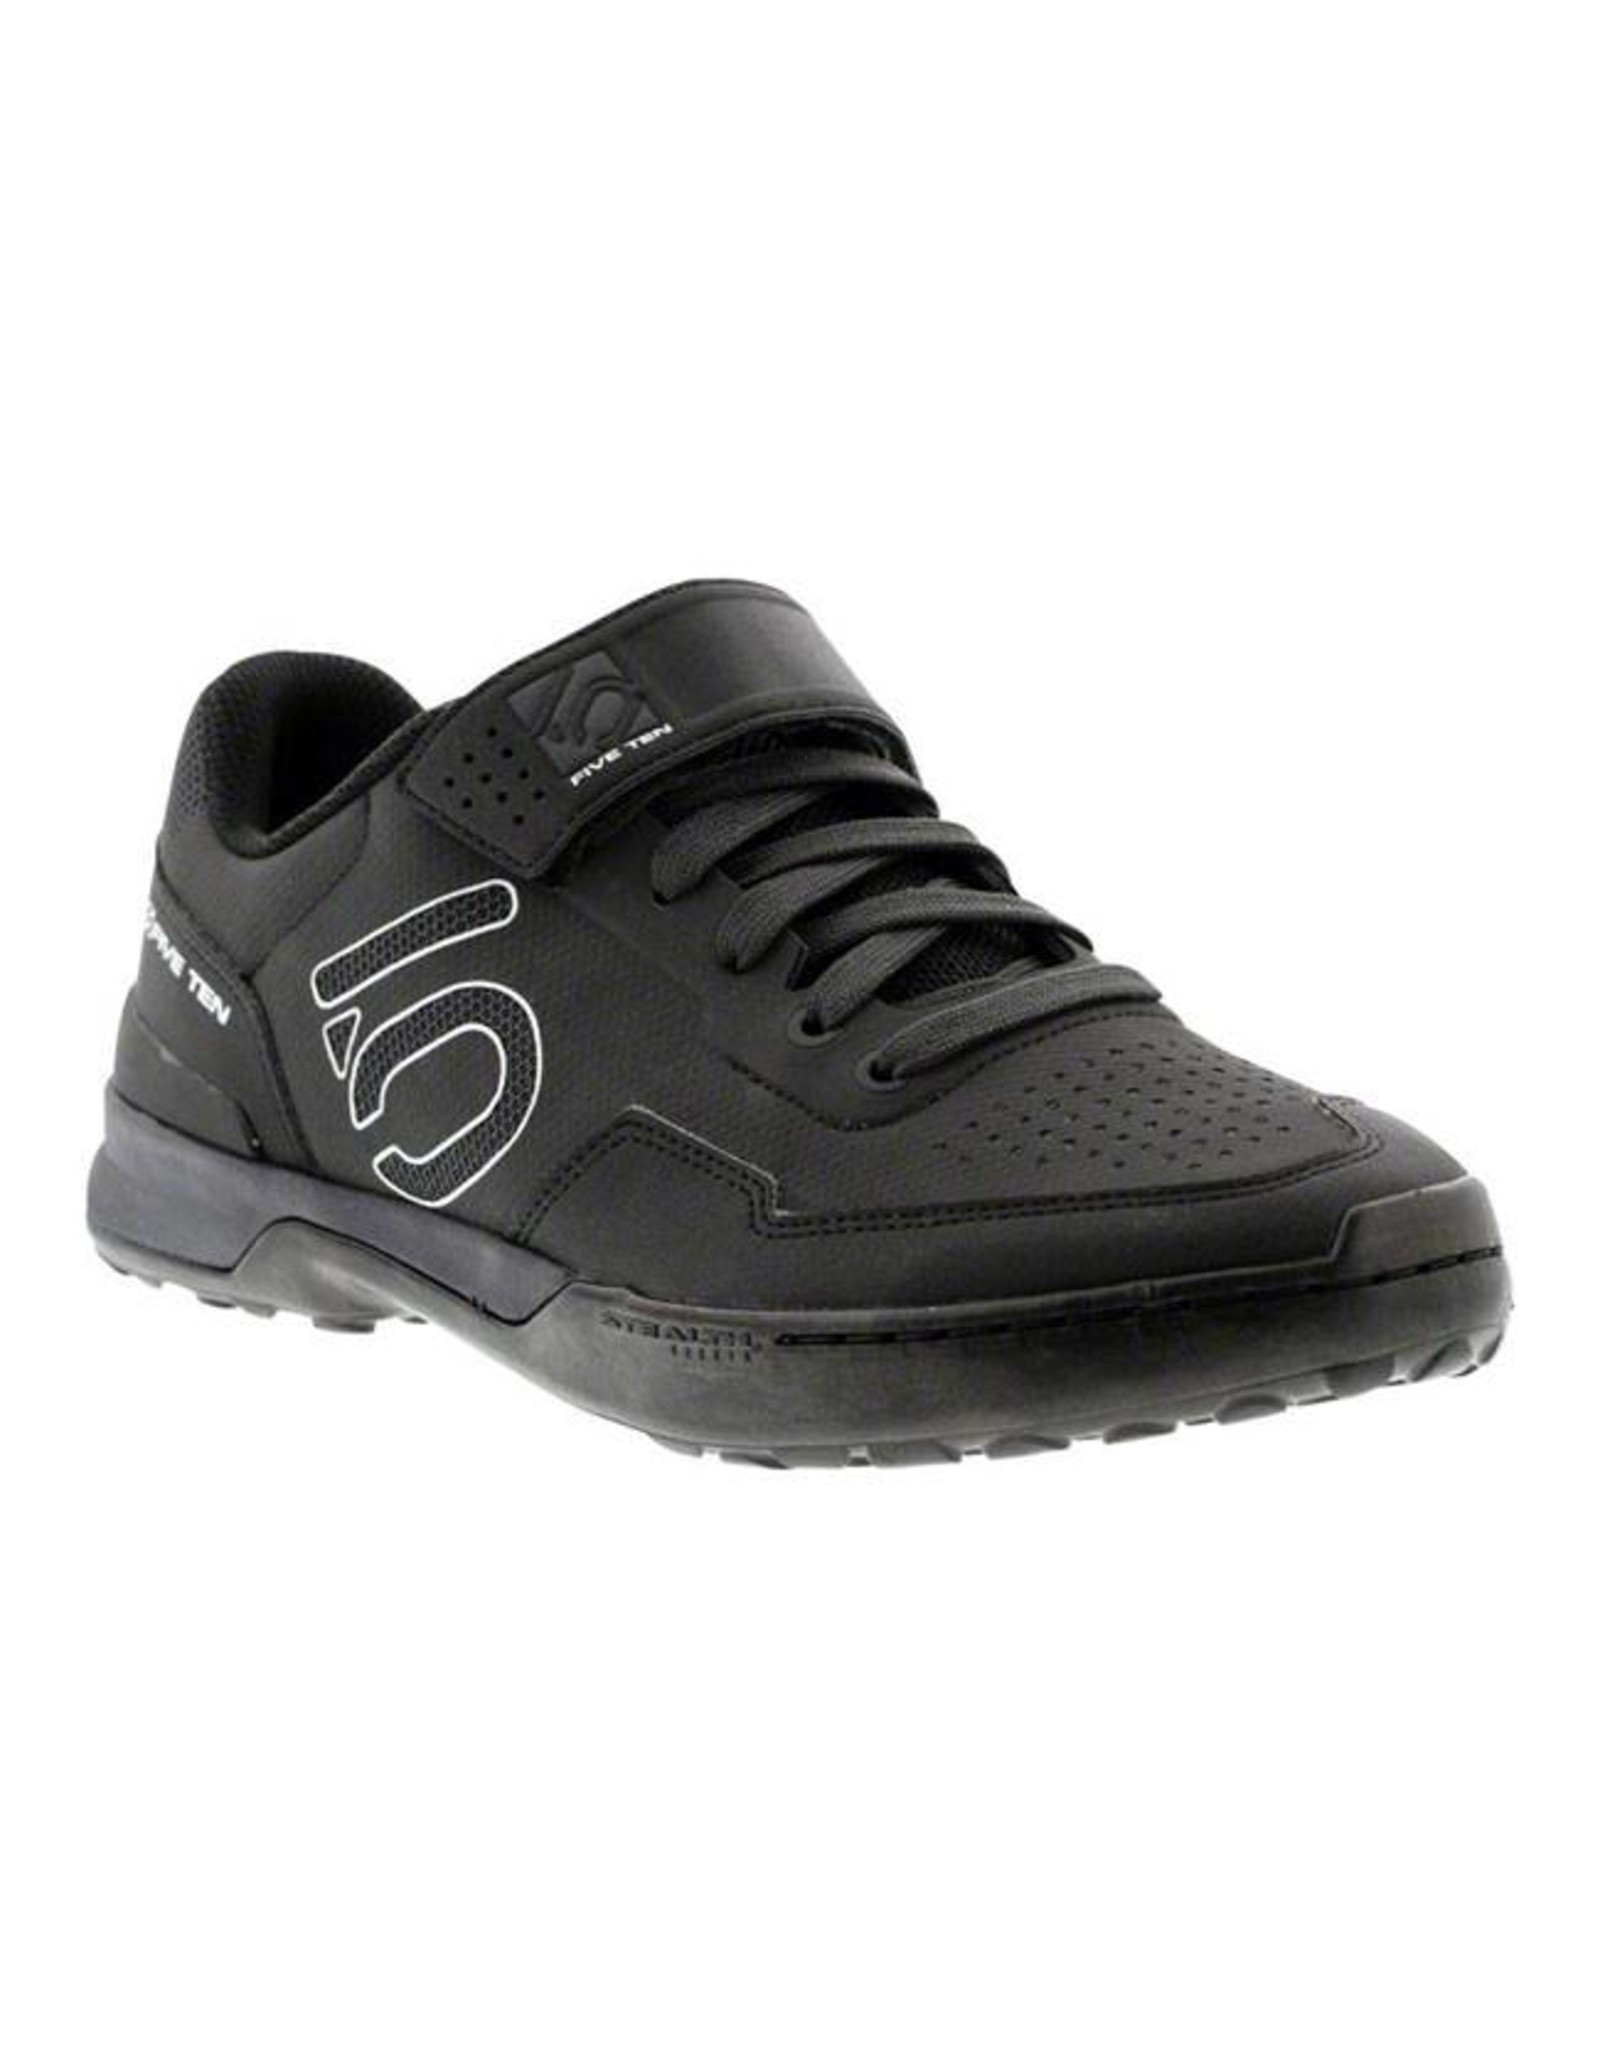 Five Ten Five Ten Kestrel Lace Men's Clipless Shoe: Black Carbon 7.5